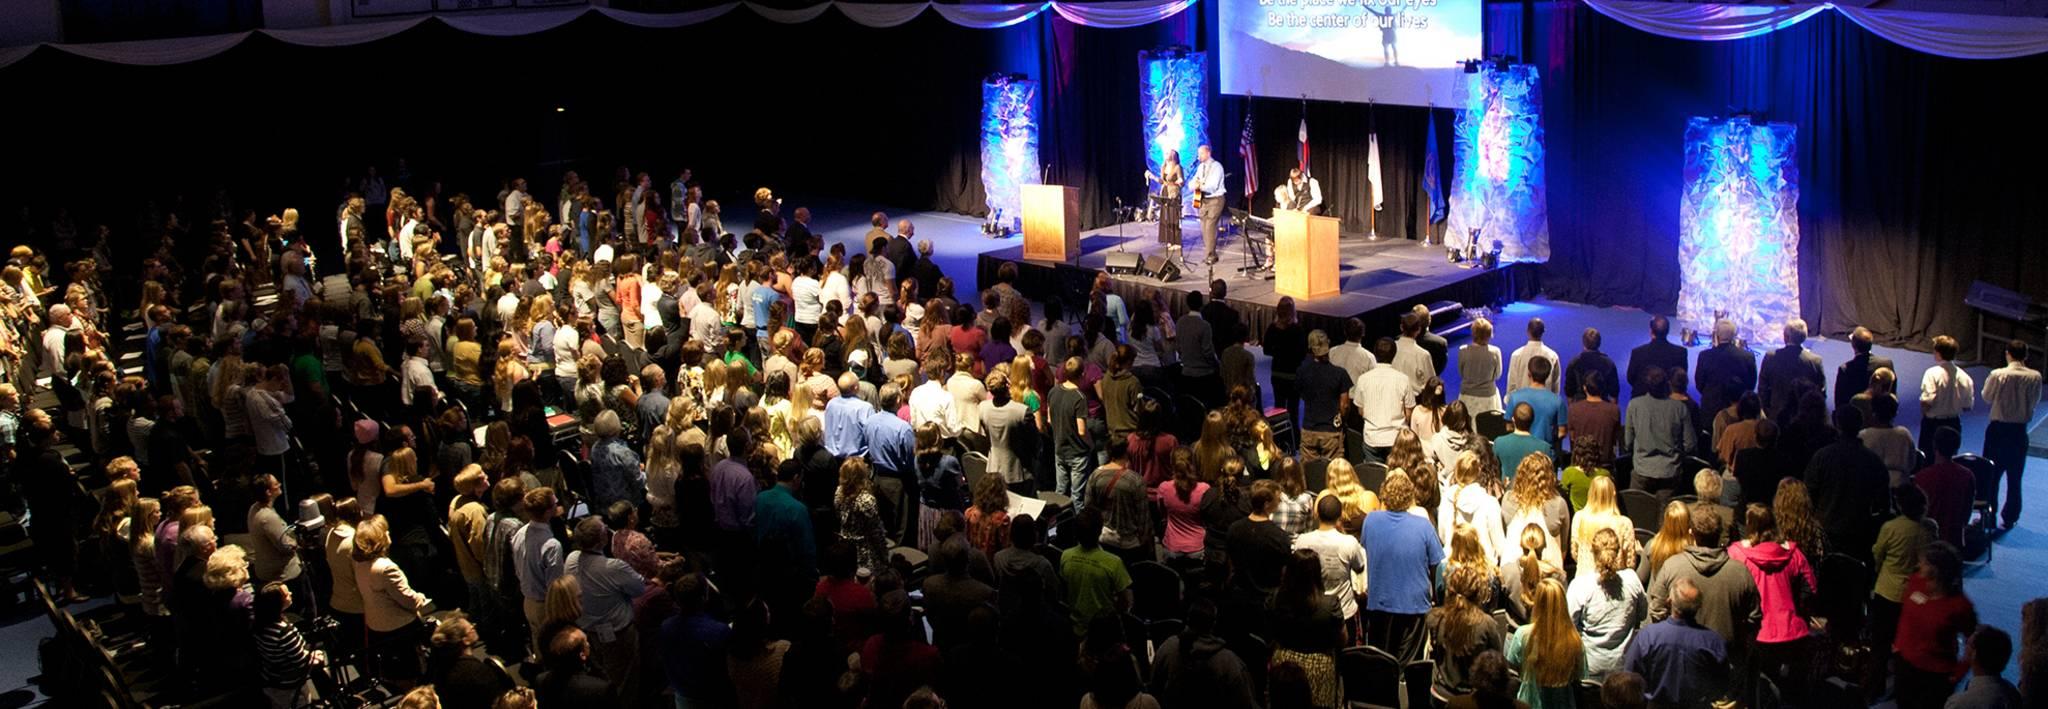 CCU Students worshiping at Symposium.